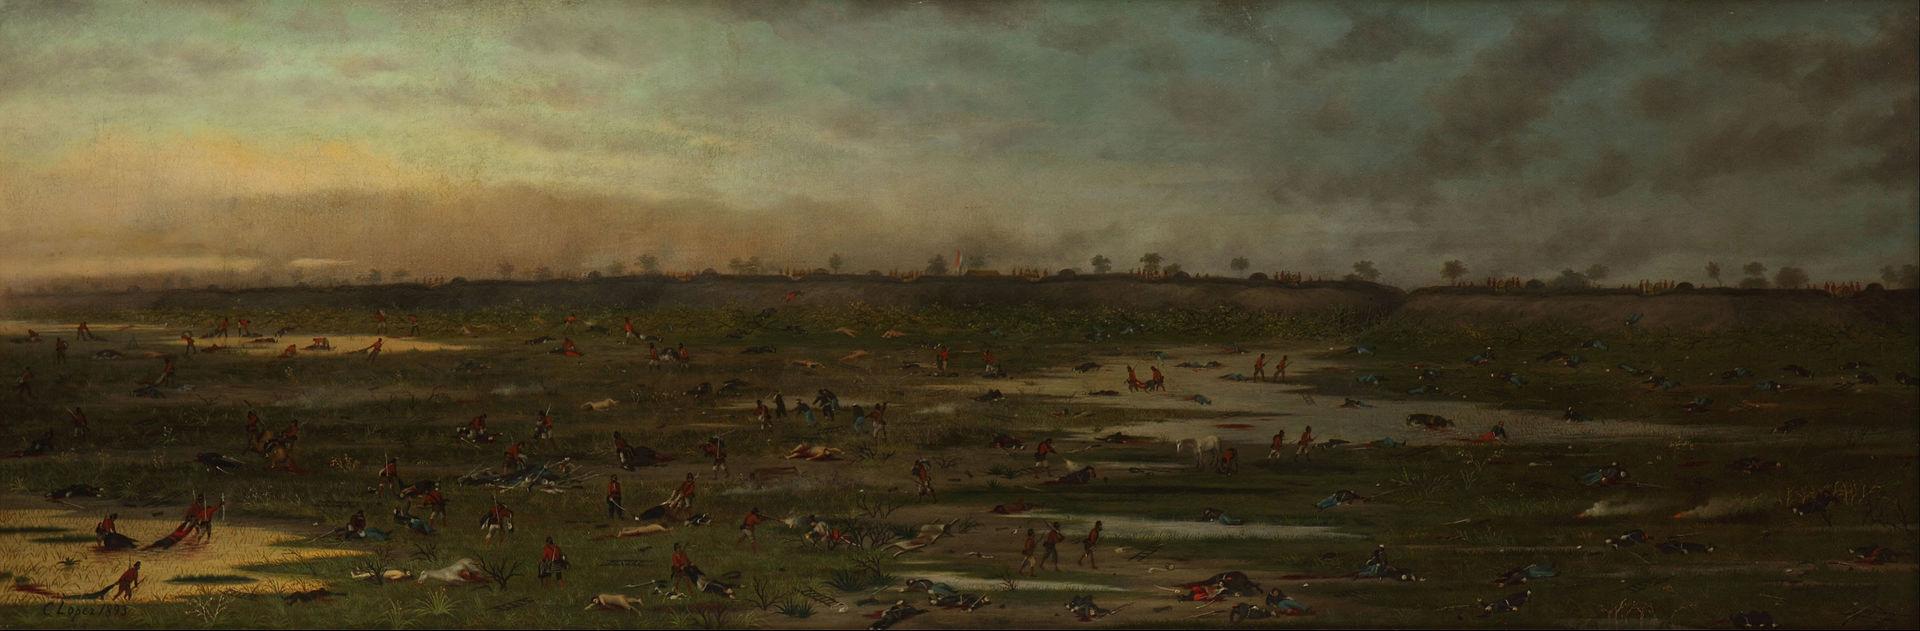 """La belleza del día: """"Después de la Batalla de Curupaytí"""", de Cándido López  - Infobae"""